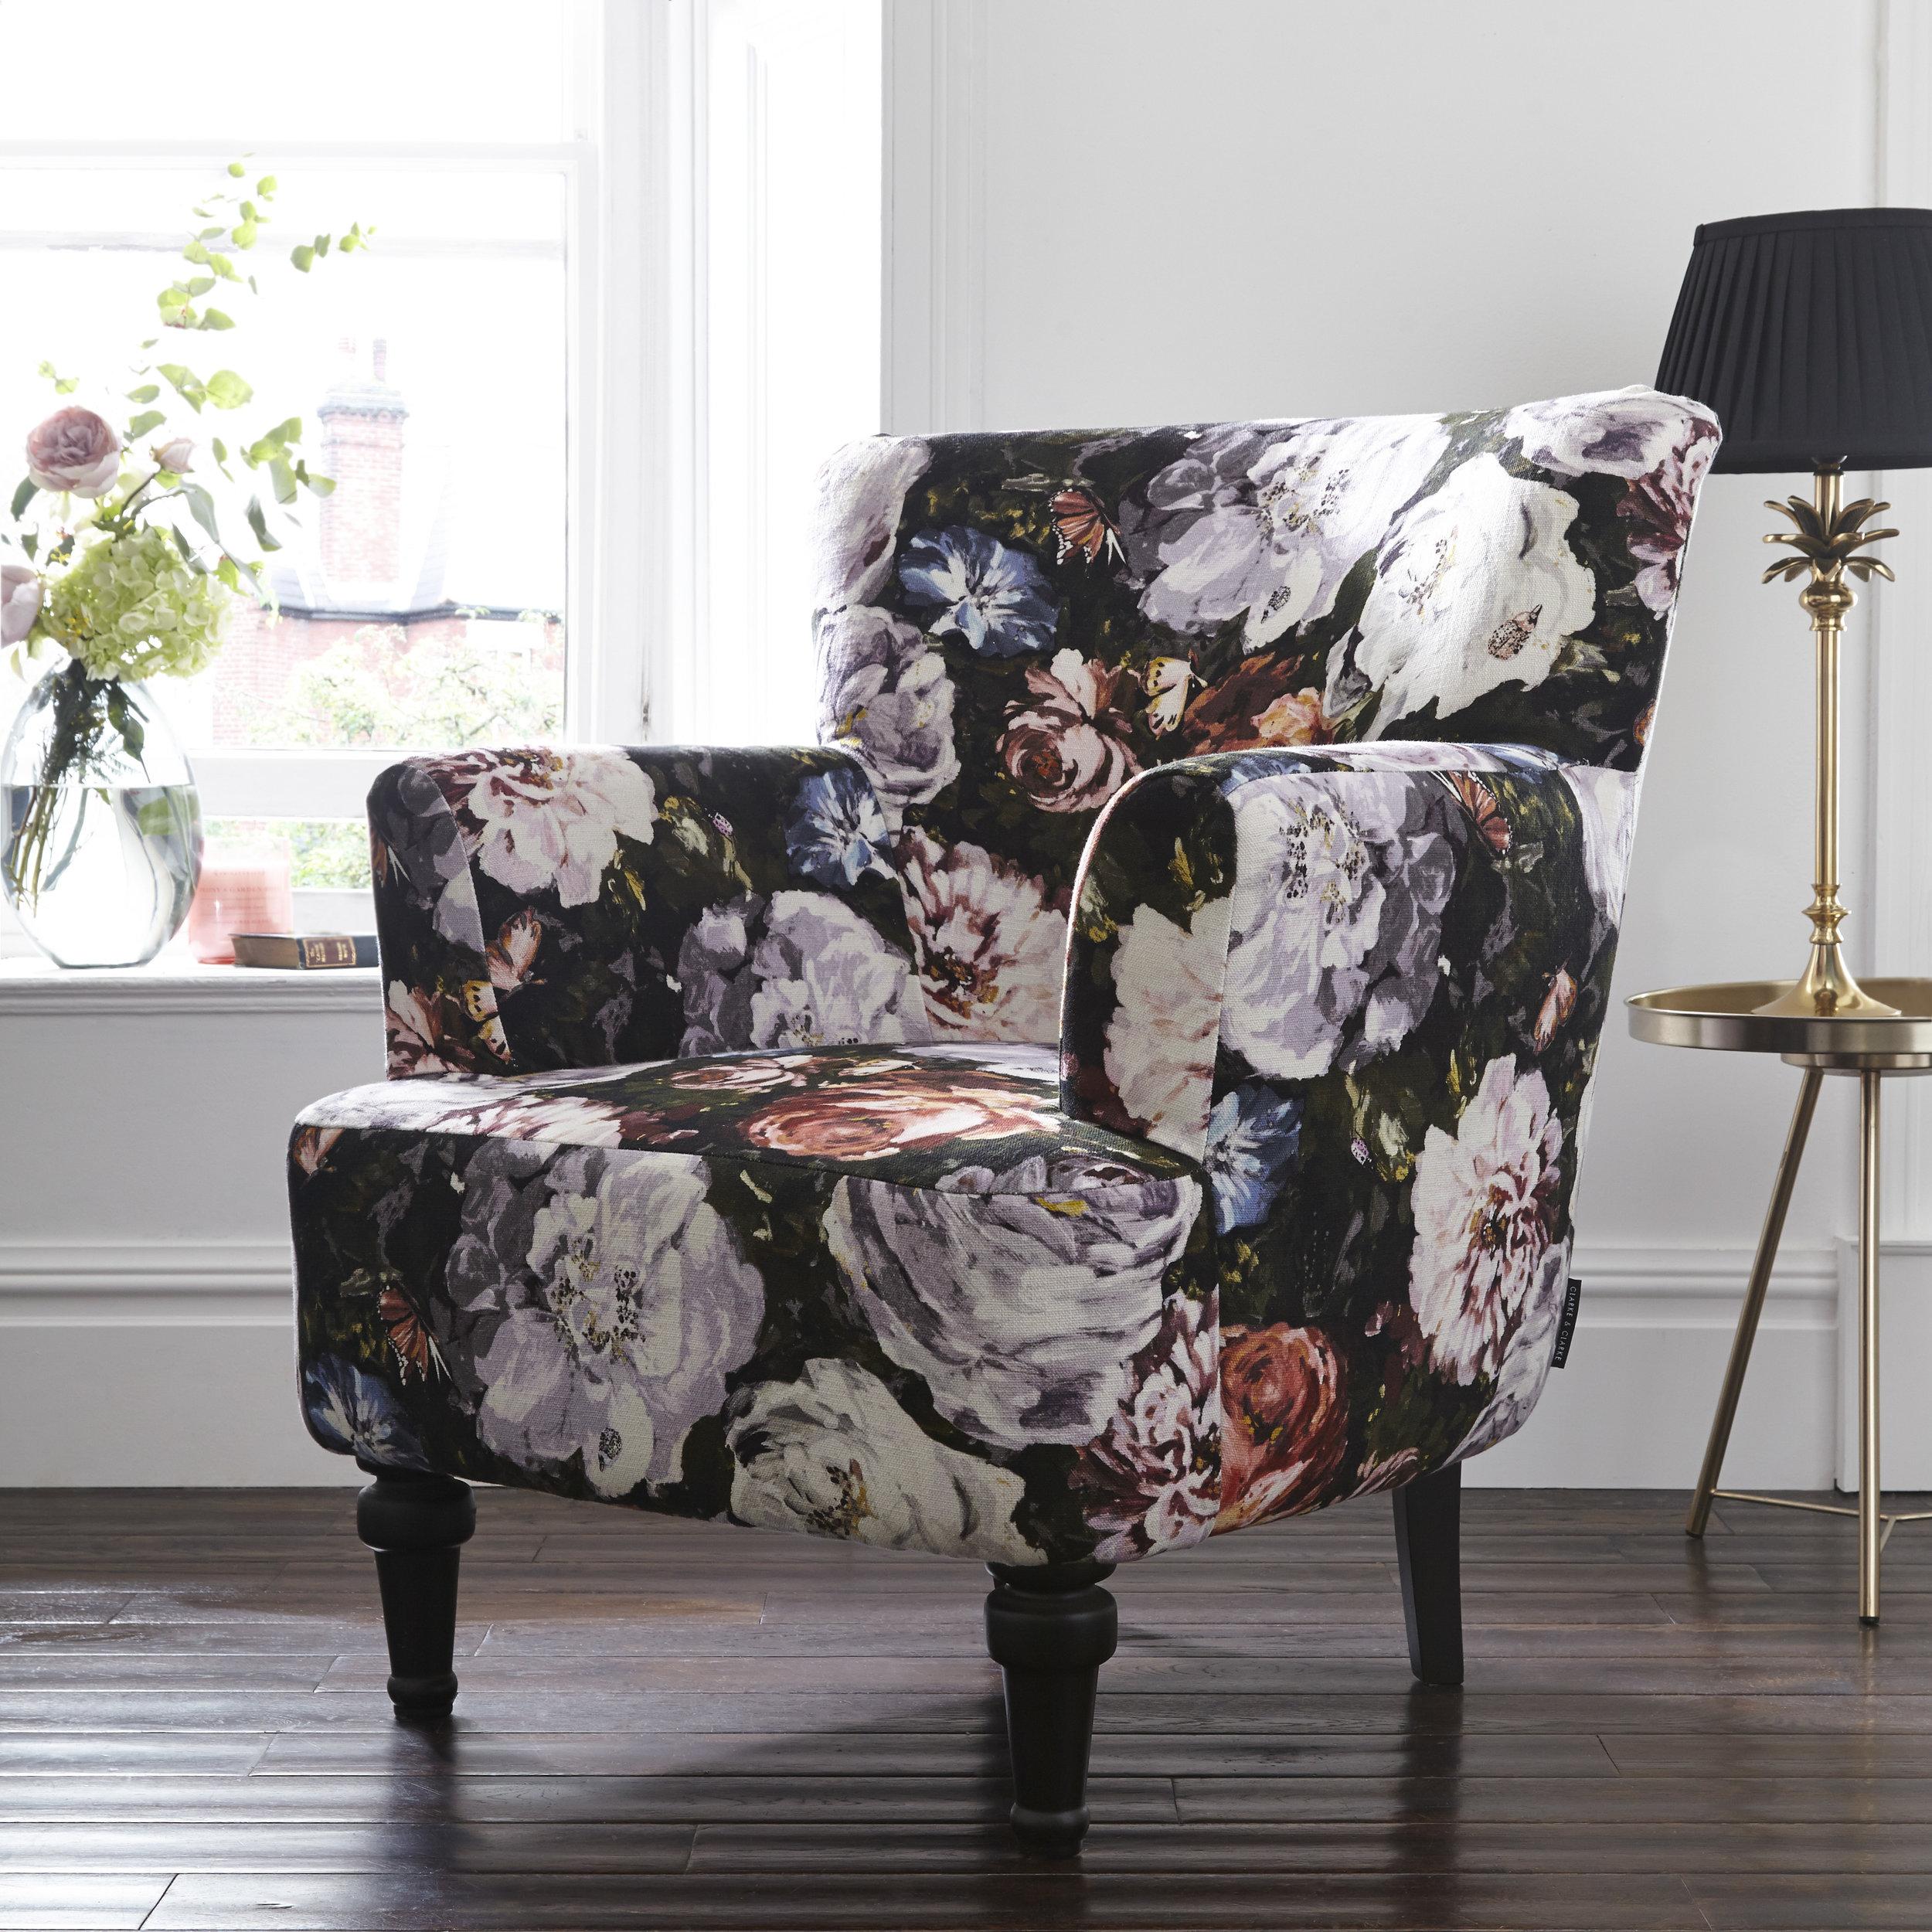 Dalston Chair – Floretta Blush